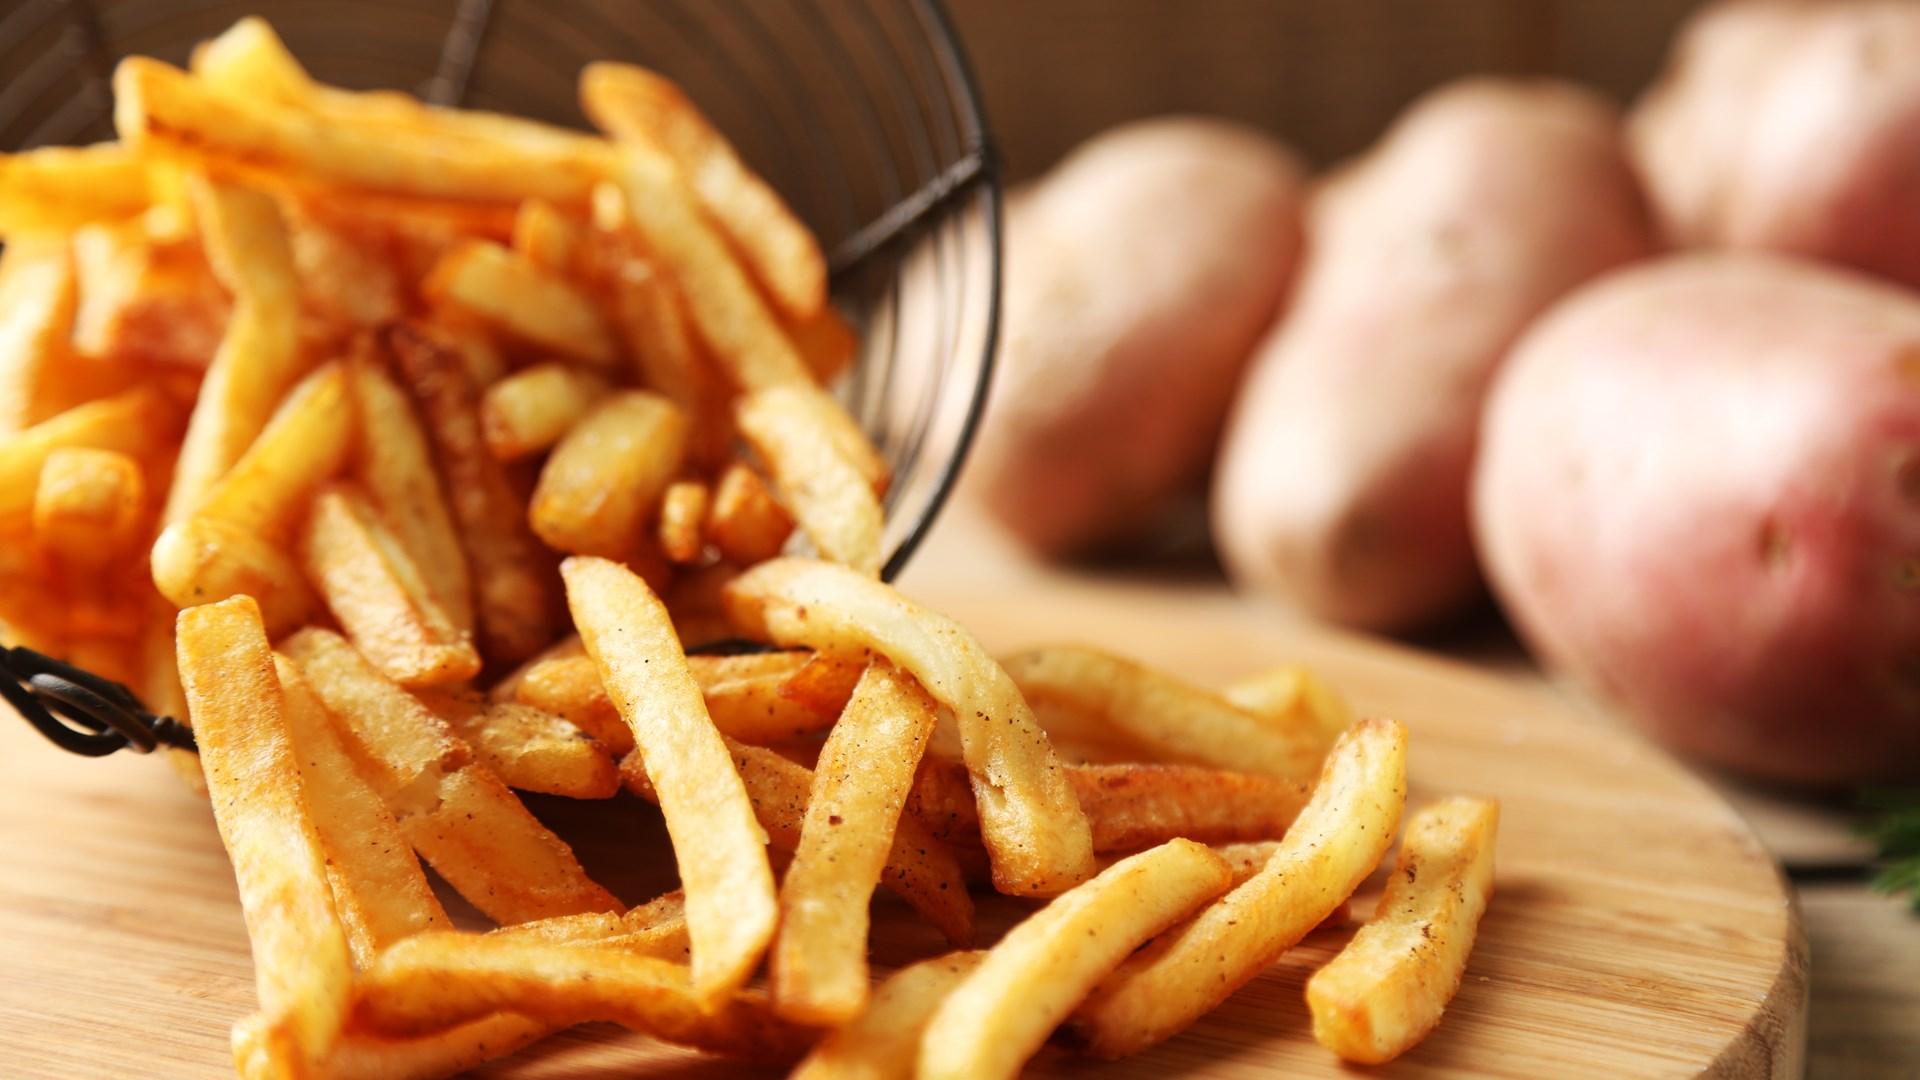 Quale olio usare per friggere le patatine